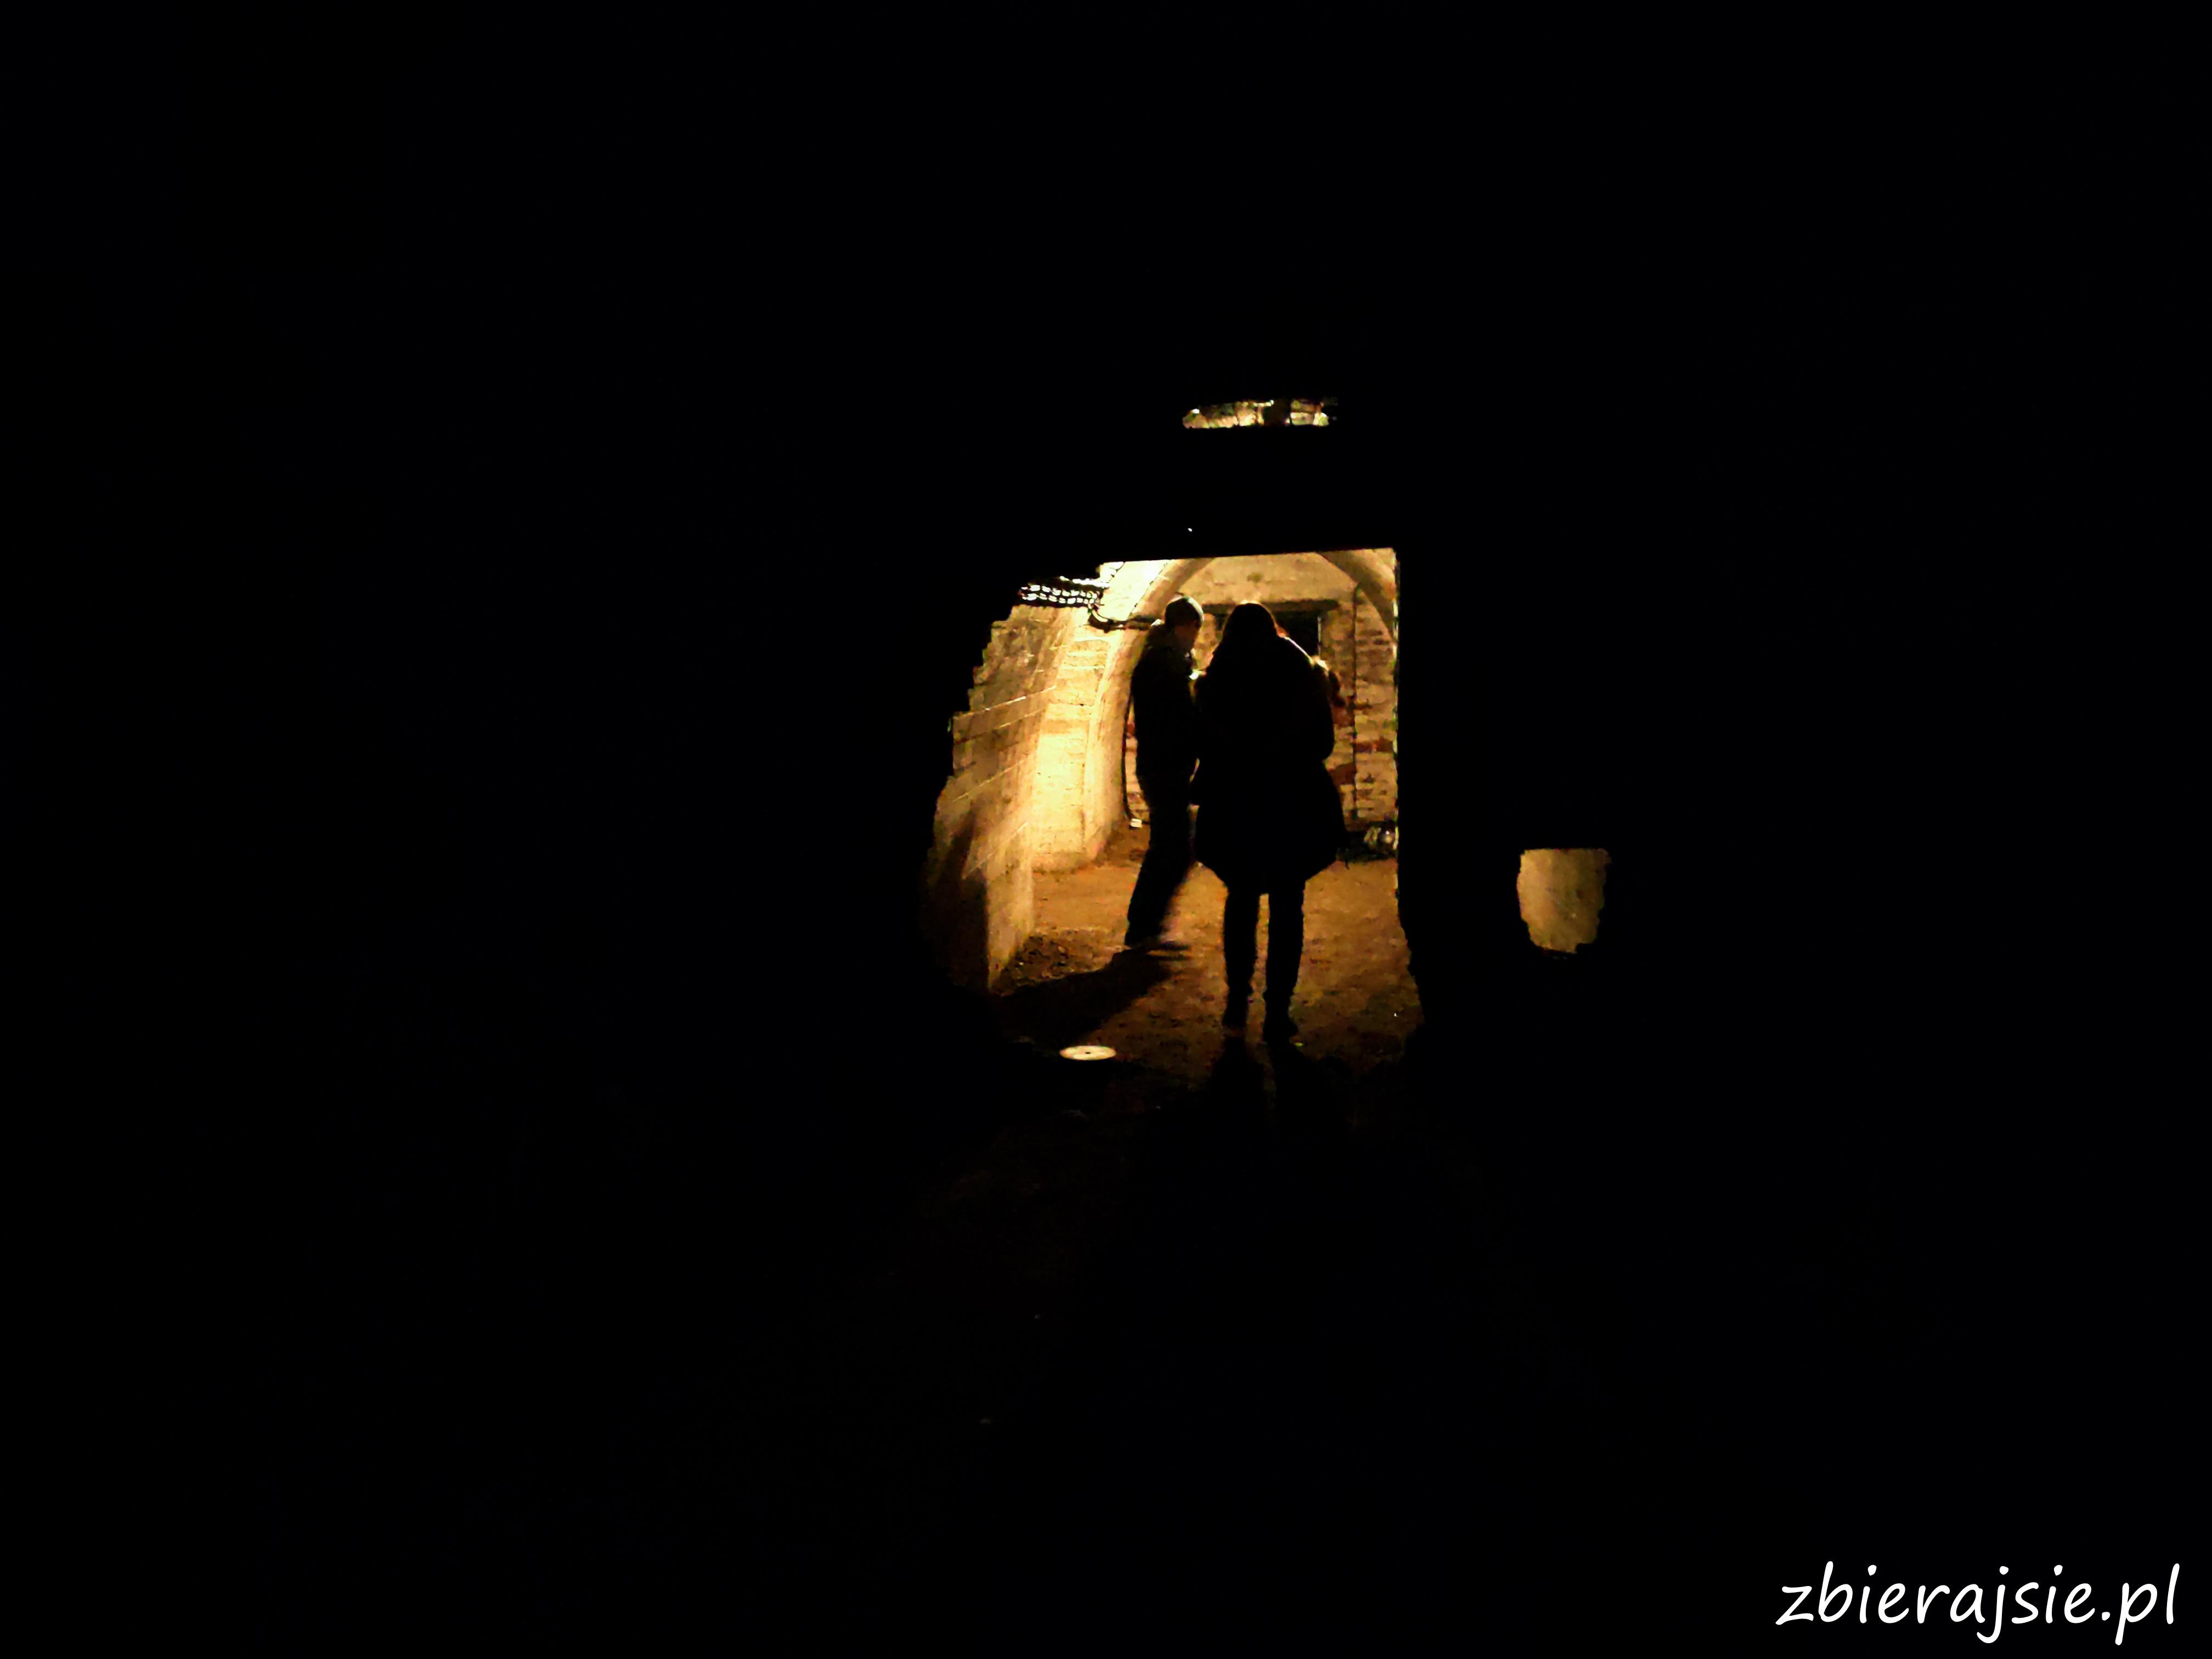 Time_gates_jelenia_gora_podziemia_tunele_schron